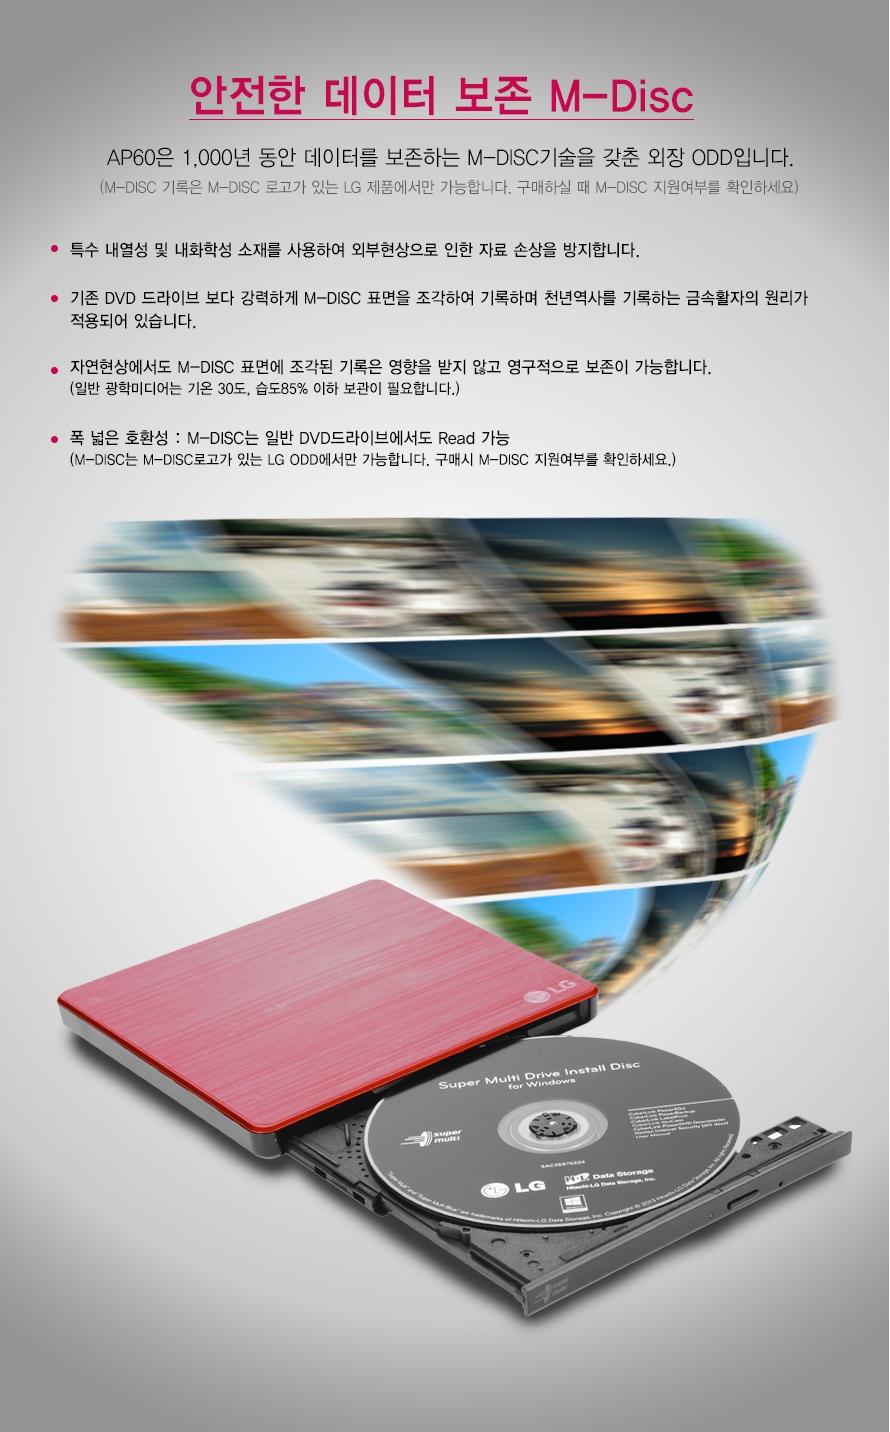 안전한 데이터 보존 M-Disc    AP60은 1,000년 동안 데이터를 보존하는 M-DISC기술을 갖춘 외장 ODD입니다.    (M-DISC 기록은 M-DISC 로고가 있는 LG 제품에서만 가능합니다. 구매하실 때 M-DISC 지원여부를 확인하세요)    특수 내열성 및 내화학성 소재를 사용하여 외부현상으로 인한 자료 손상을 방지합니다. 기존 DVD 드라이브 보다 강력하게 M-DISC 표면을 조각하여 기록하며 천년역사를 기록하는 금속활자의 원리가적용되어 있습니다.자연현상에서도 M-DISC 표면에 조각된 기록은 영향을 받지 않고 영구적으로 보존이 가능합니다.(일반 광학미디어는 기온 30도, 습도85% 이하 보관이 필요합니다.)폭 넓은 호환성 : M-DISC는 일반 DVD드라이브에서도 Read 가능(M-DISC는 M-DISC로고가 있는 LG ODD에서만 가능합니다. 구매시 M-DISC 지원여부를 확인하세요.)